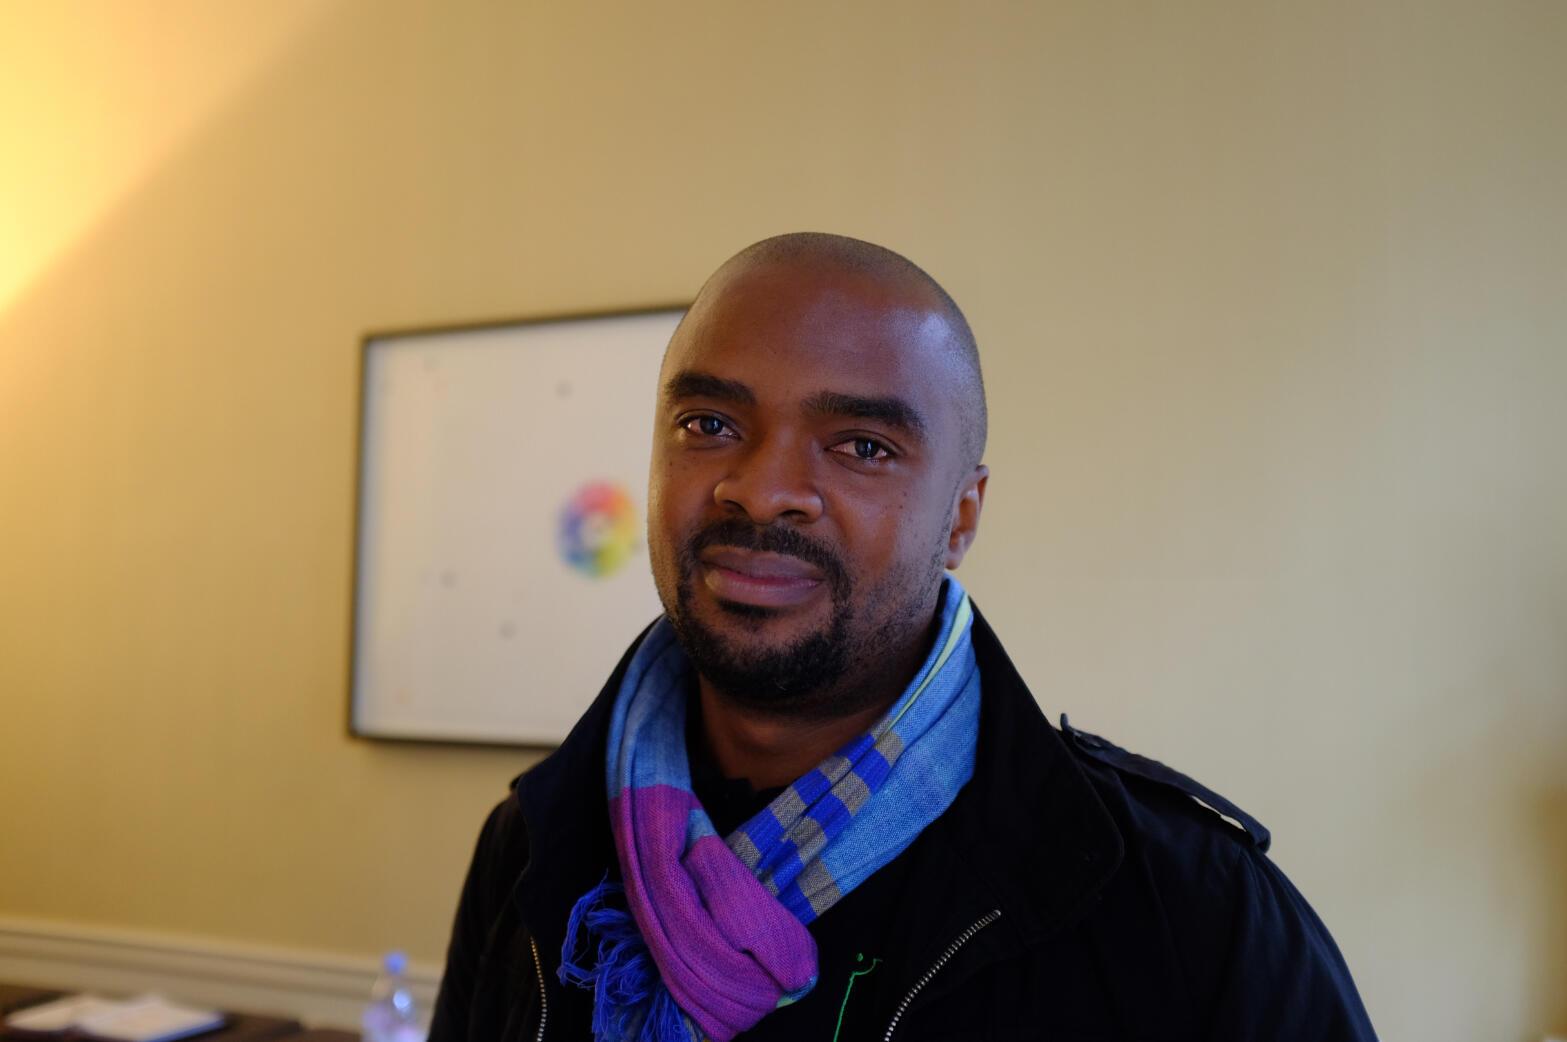 Daniel Oriahi, réalisateur nigérian de « Taxi Driver », un hommage à Martin Scorsese et la ville de Lagos.